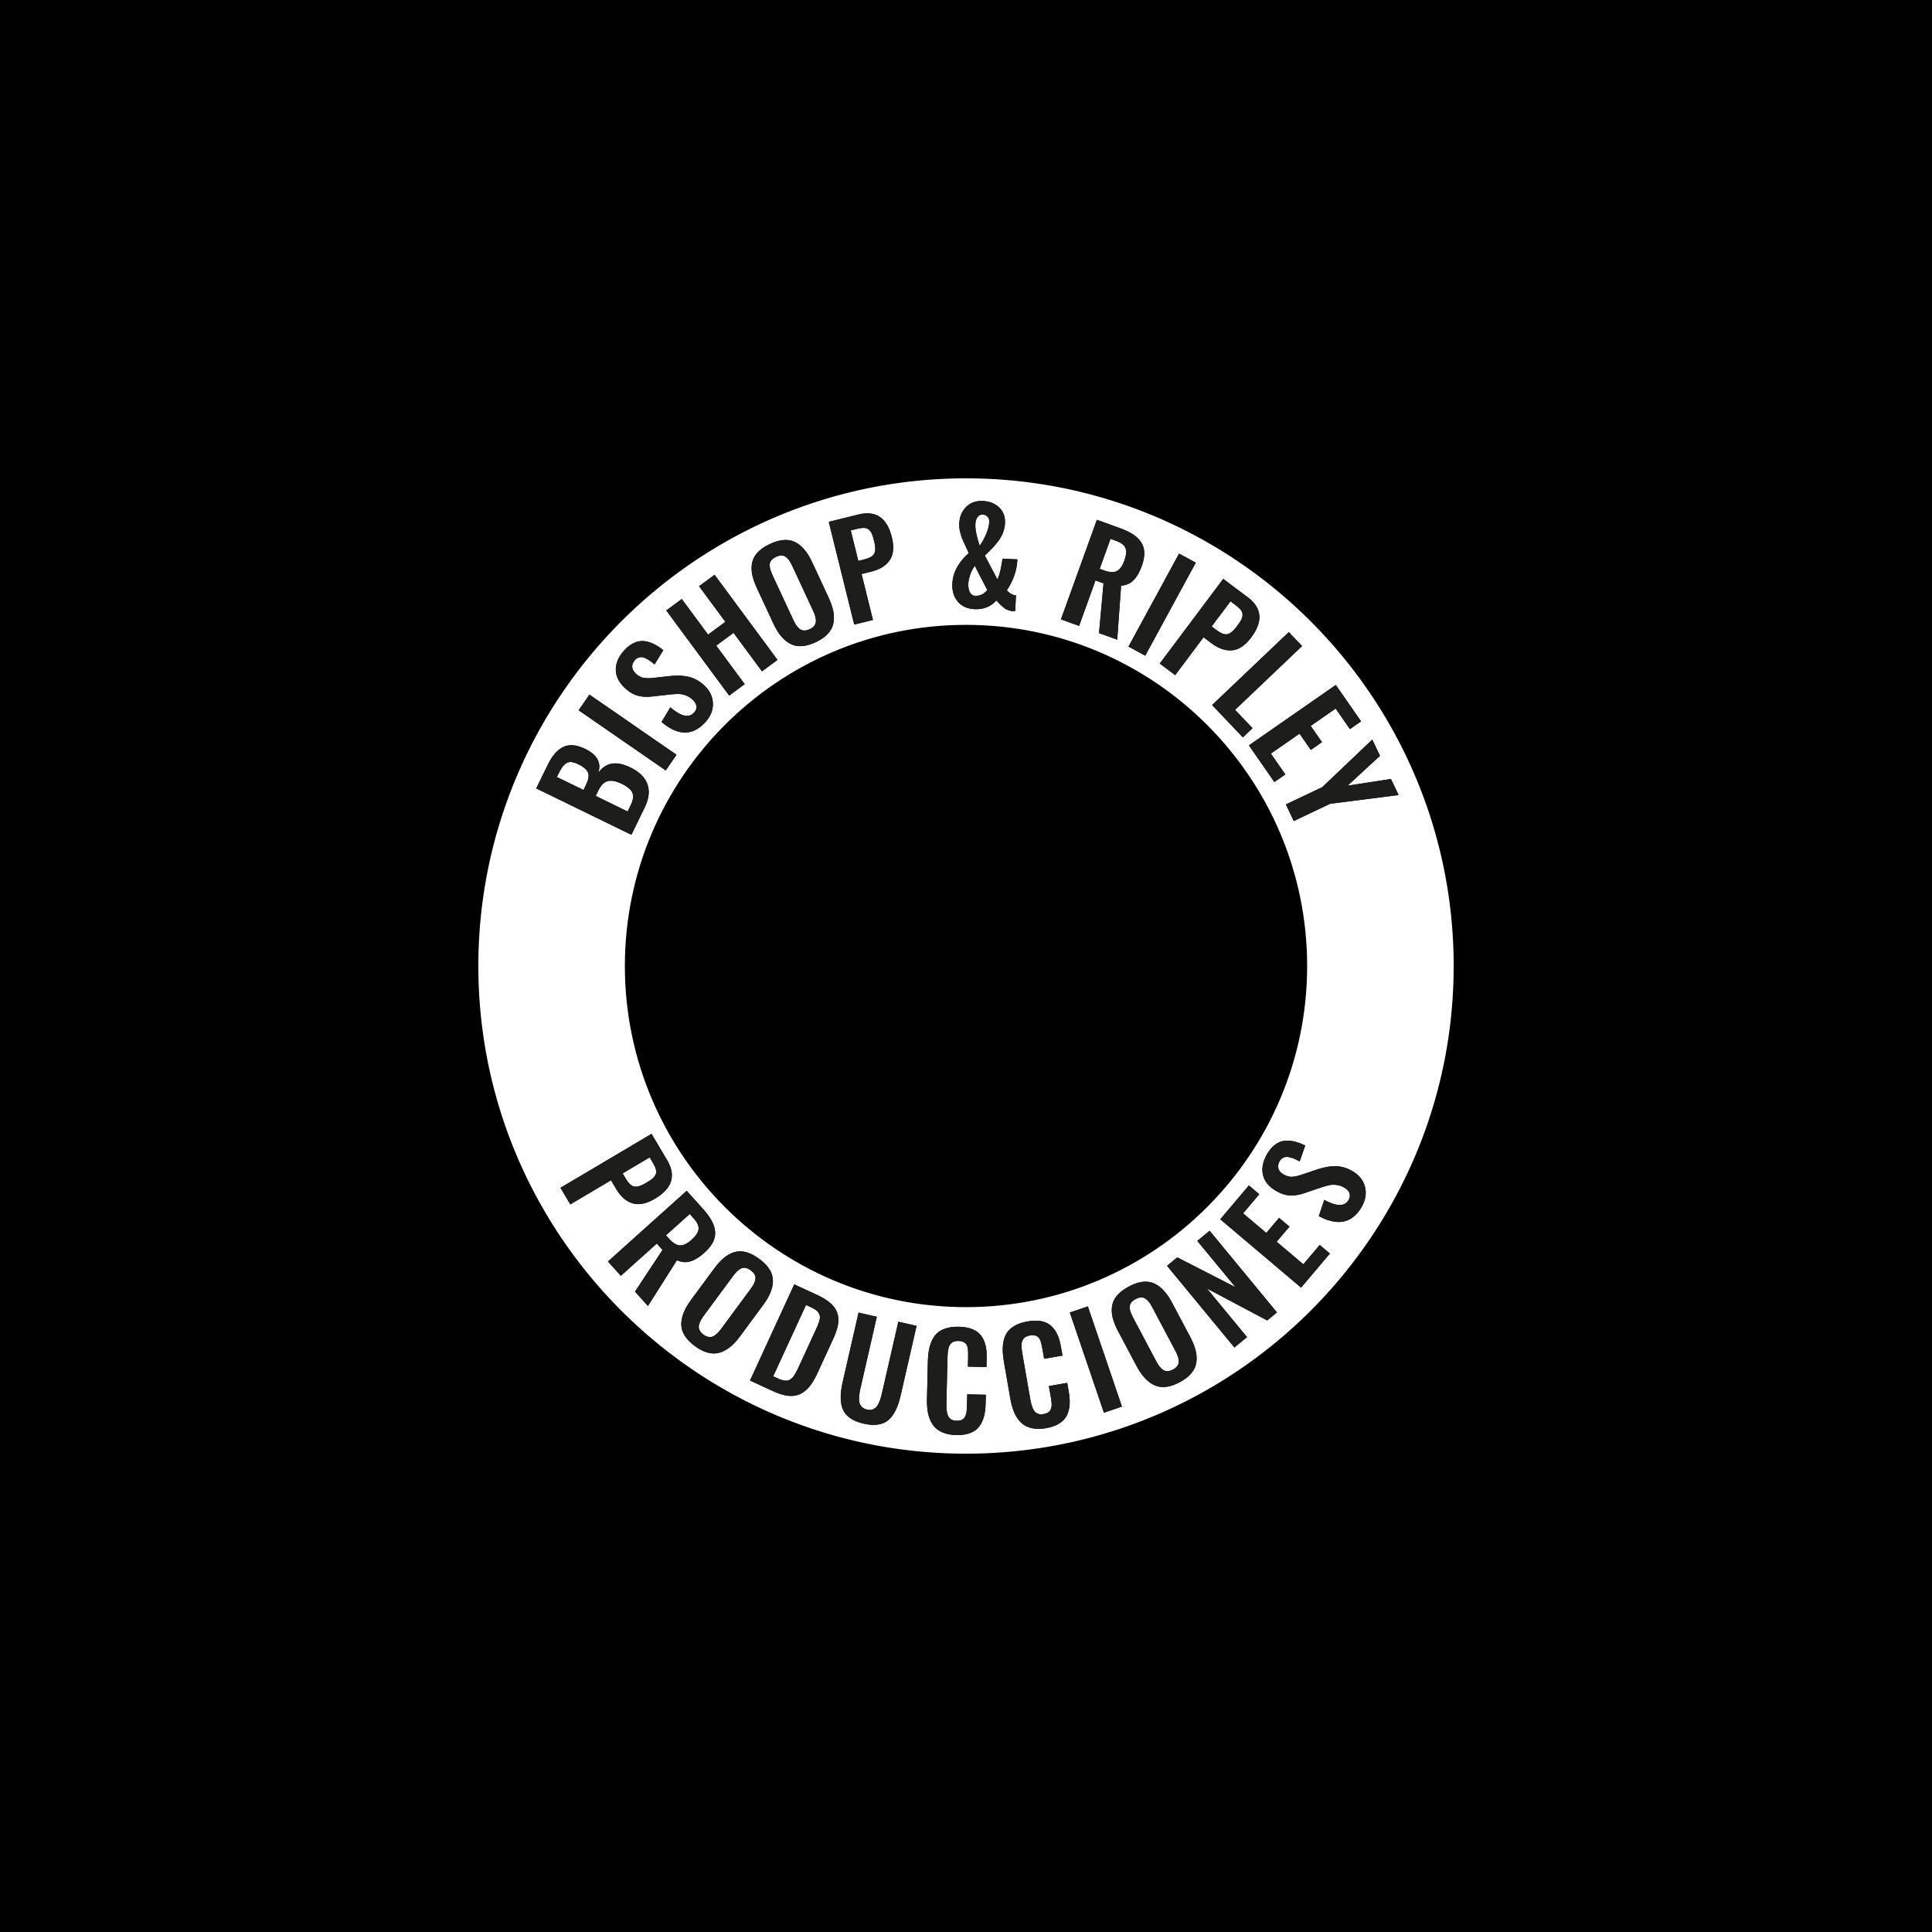 Vestida de flores - Diseño Identidad Corporativa y Logotipo para productora